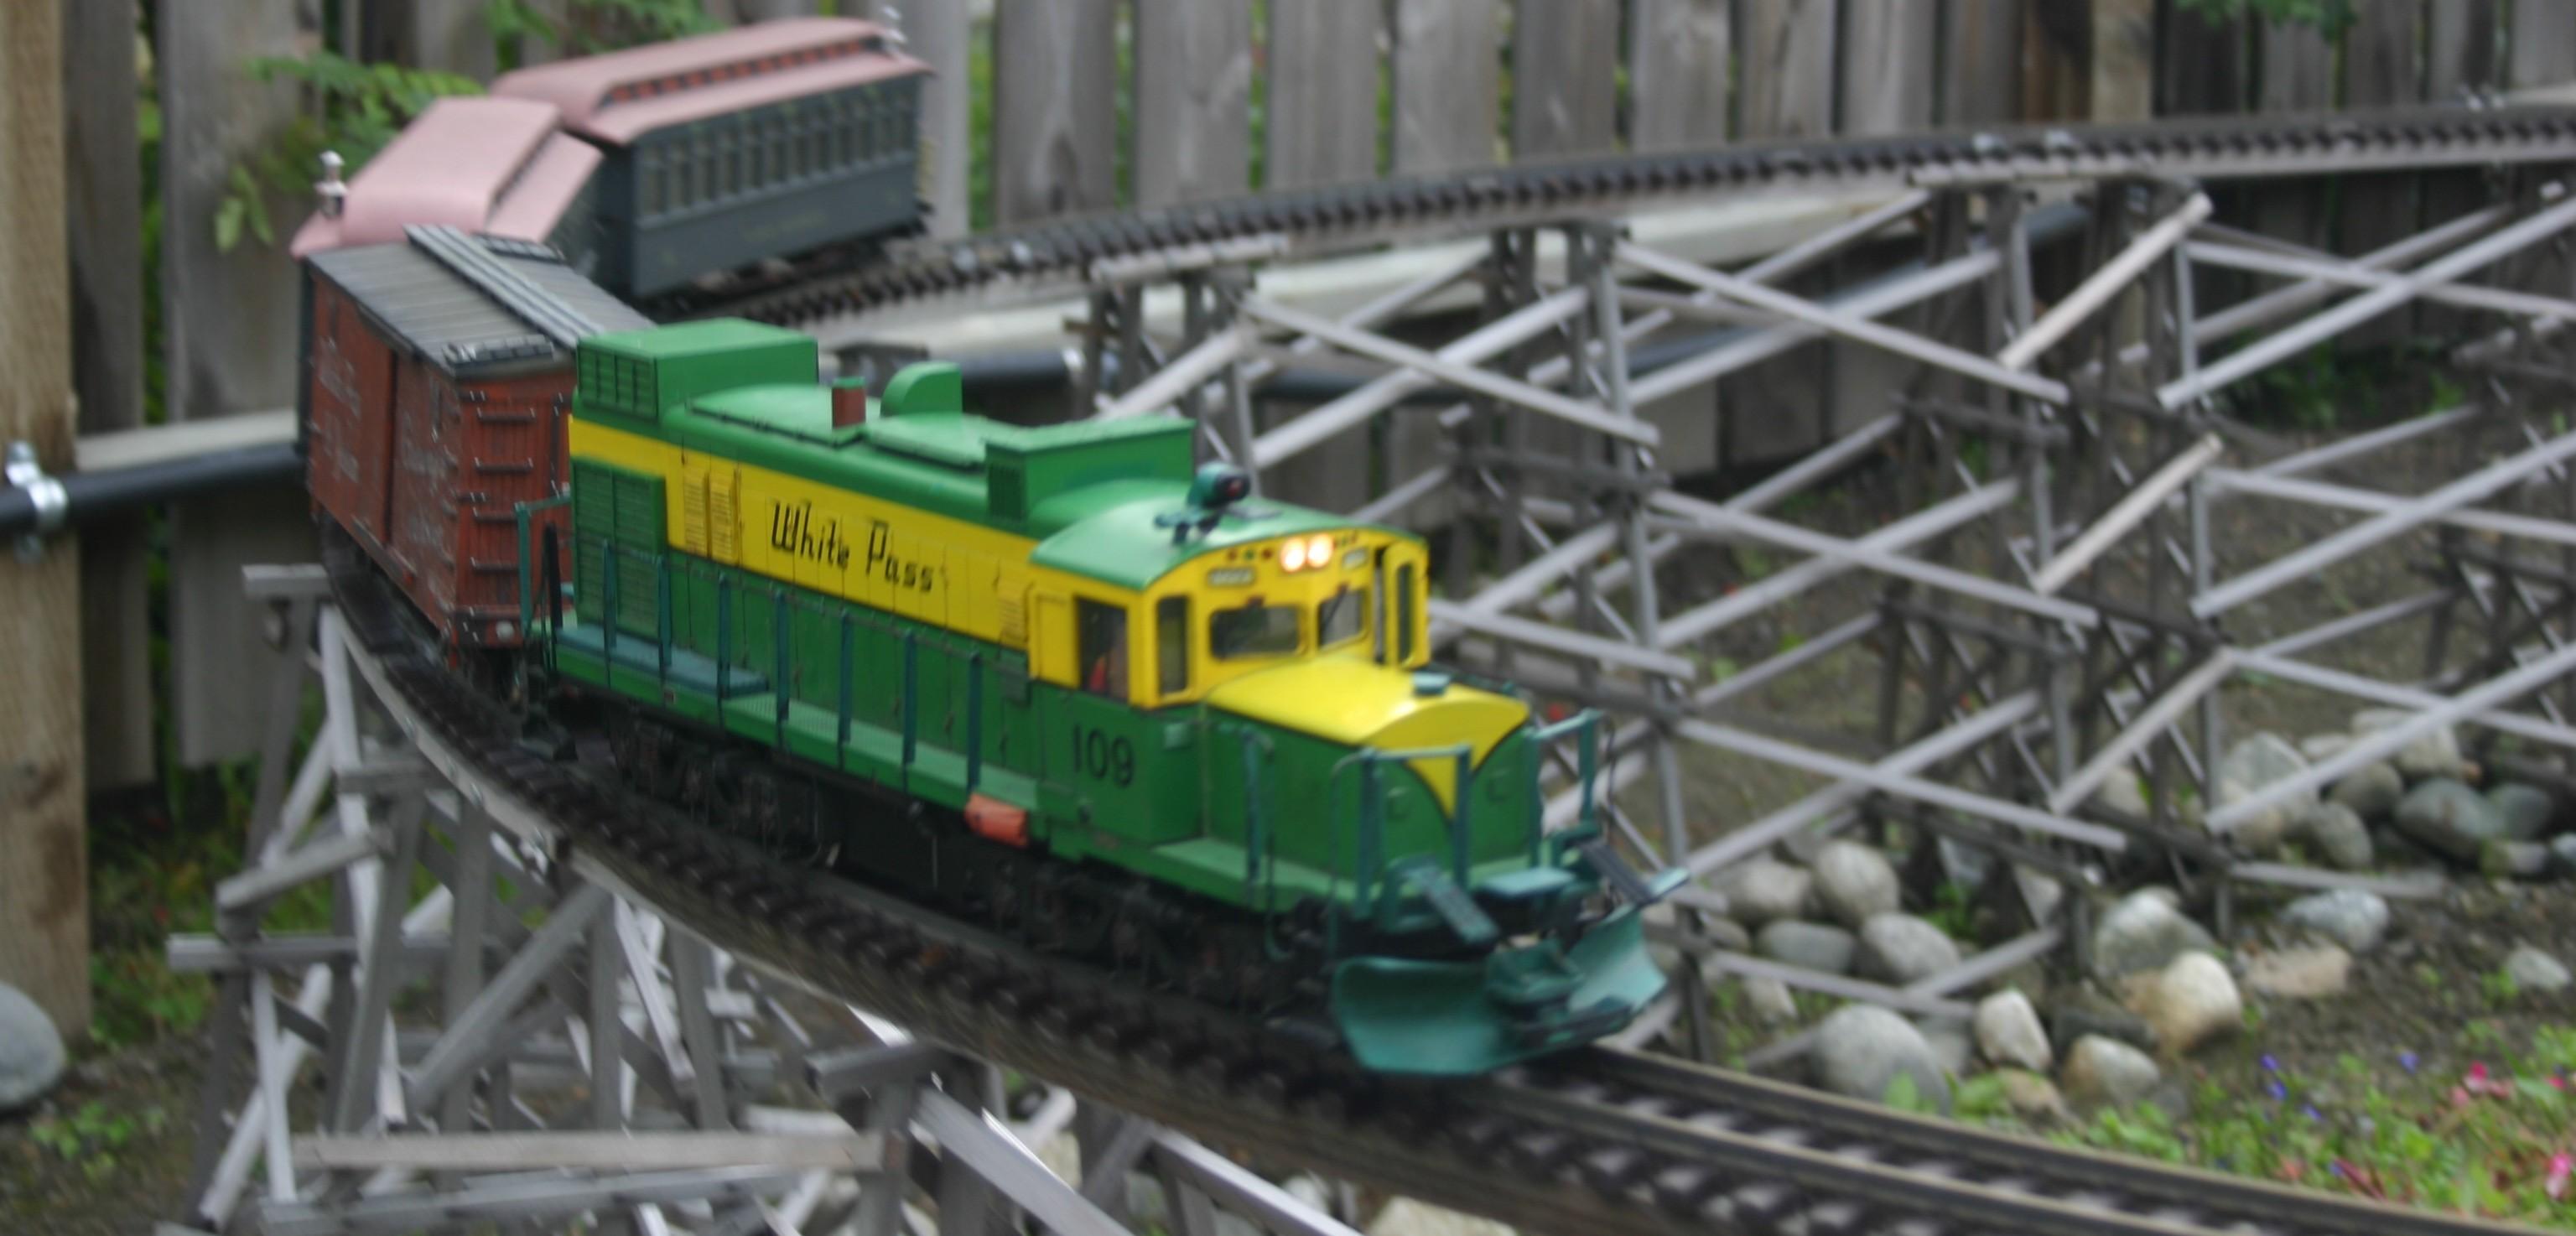 Train on trestle _ IMG_2714